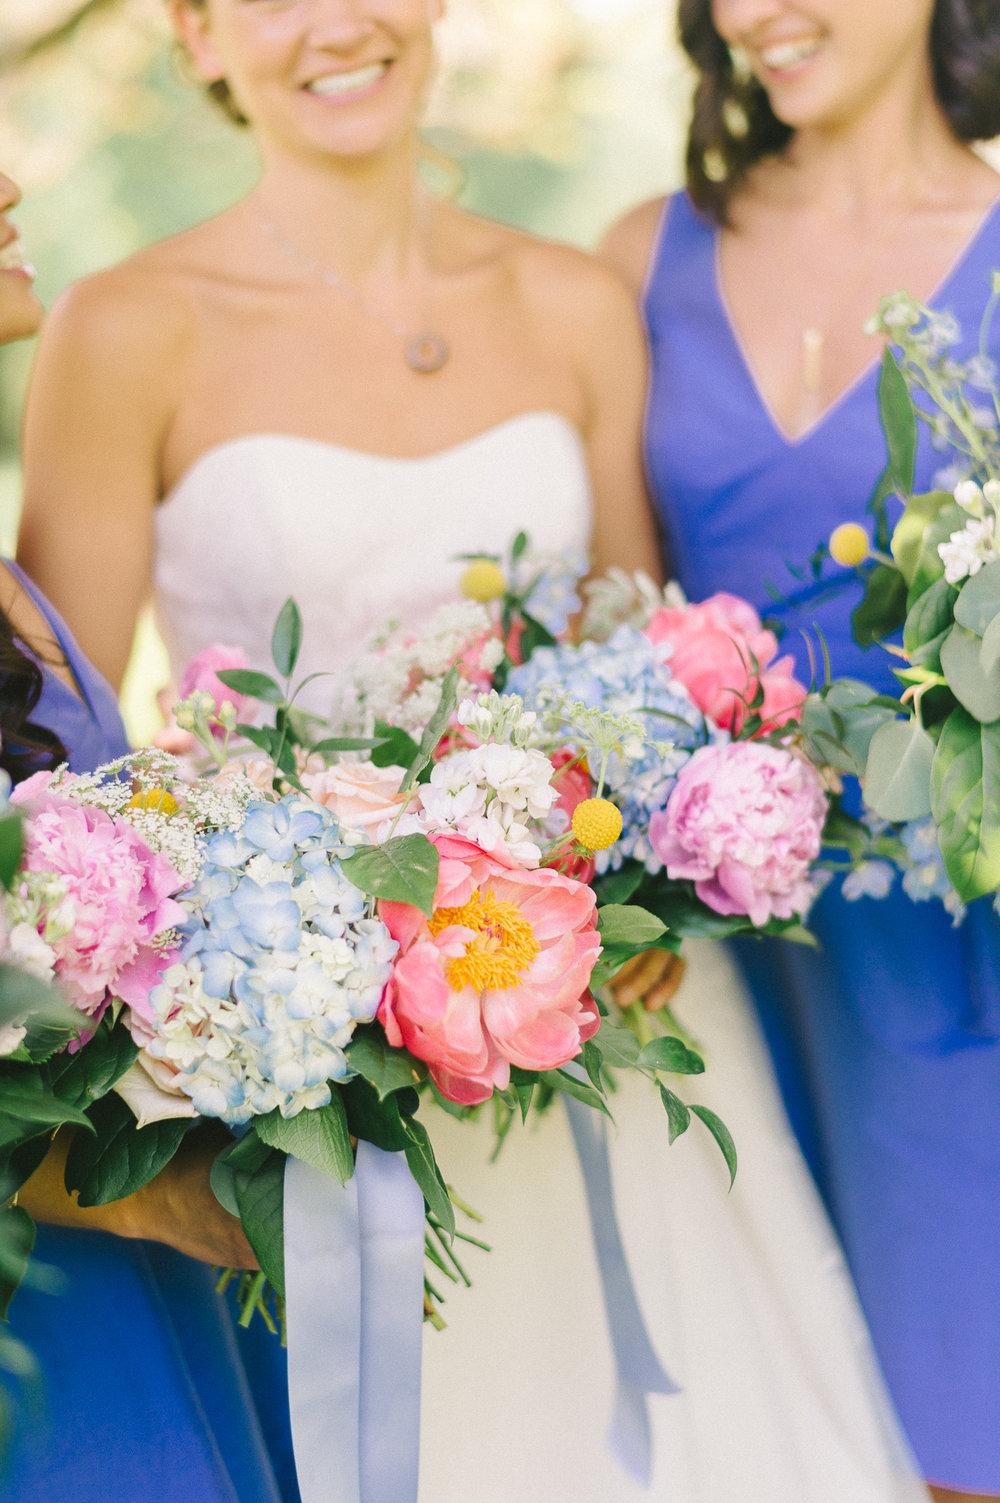 Elizabeth-Fogarty-Wedding-Photography-79.jpg